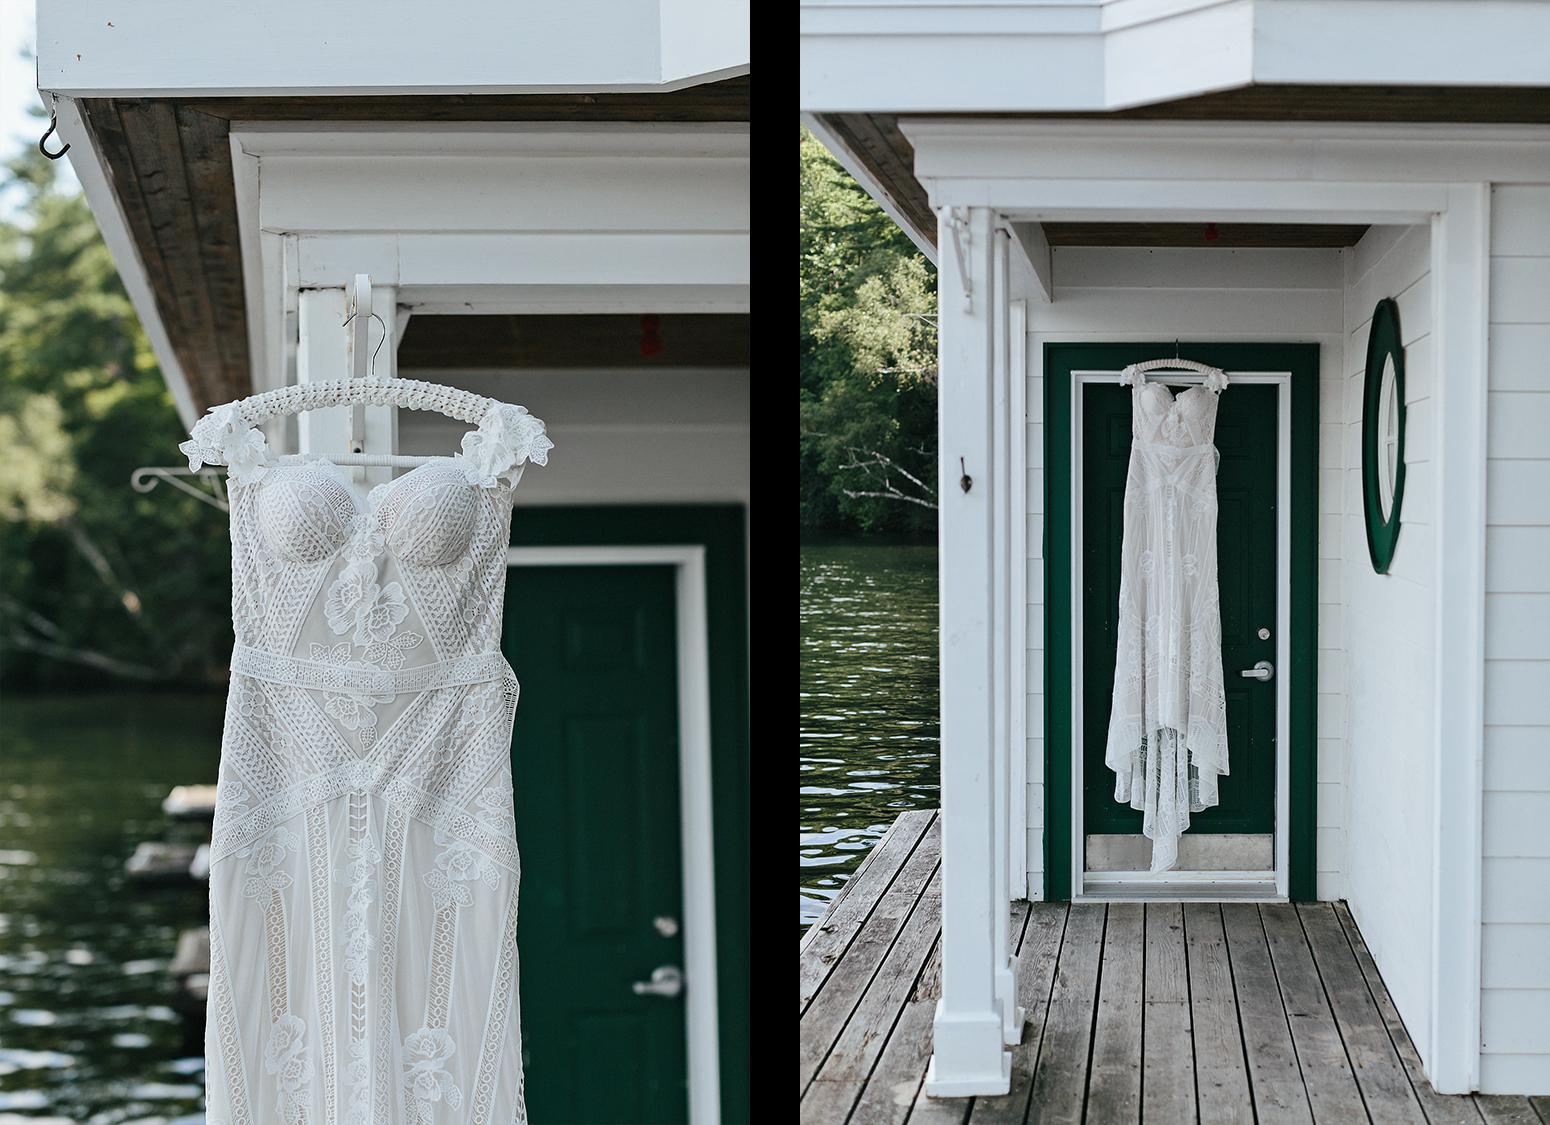 spread-2-muskoka-cottage-wedding-dress-rue-de-seine.jpg